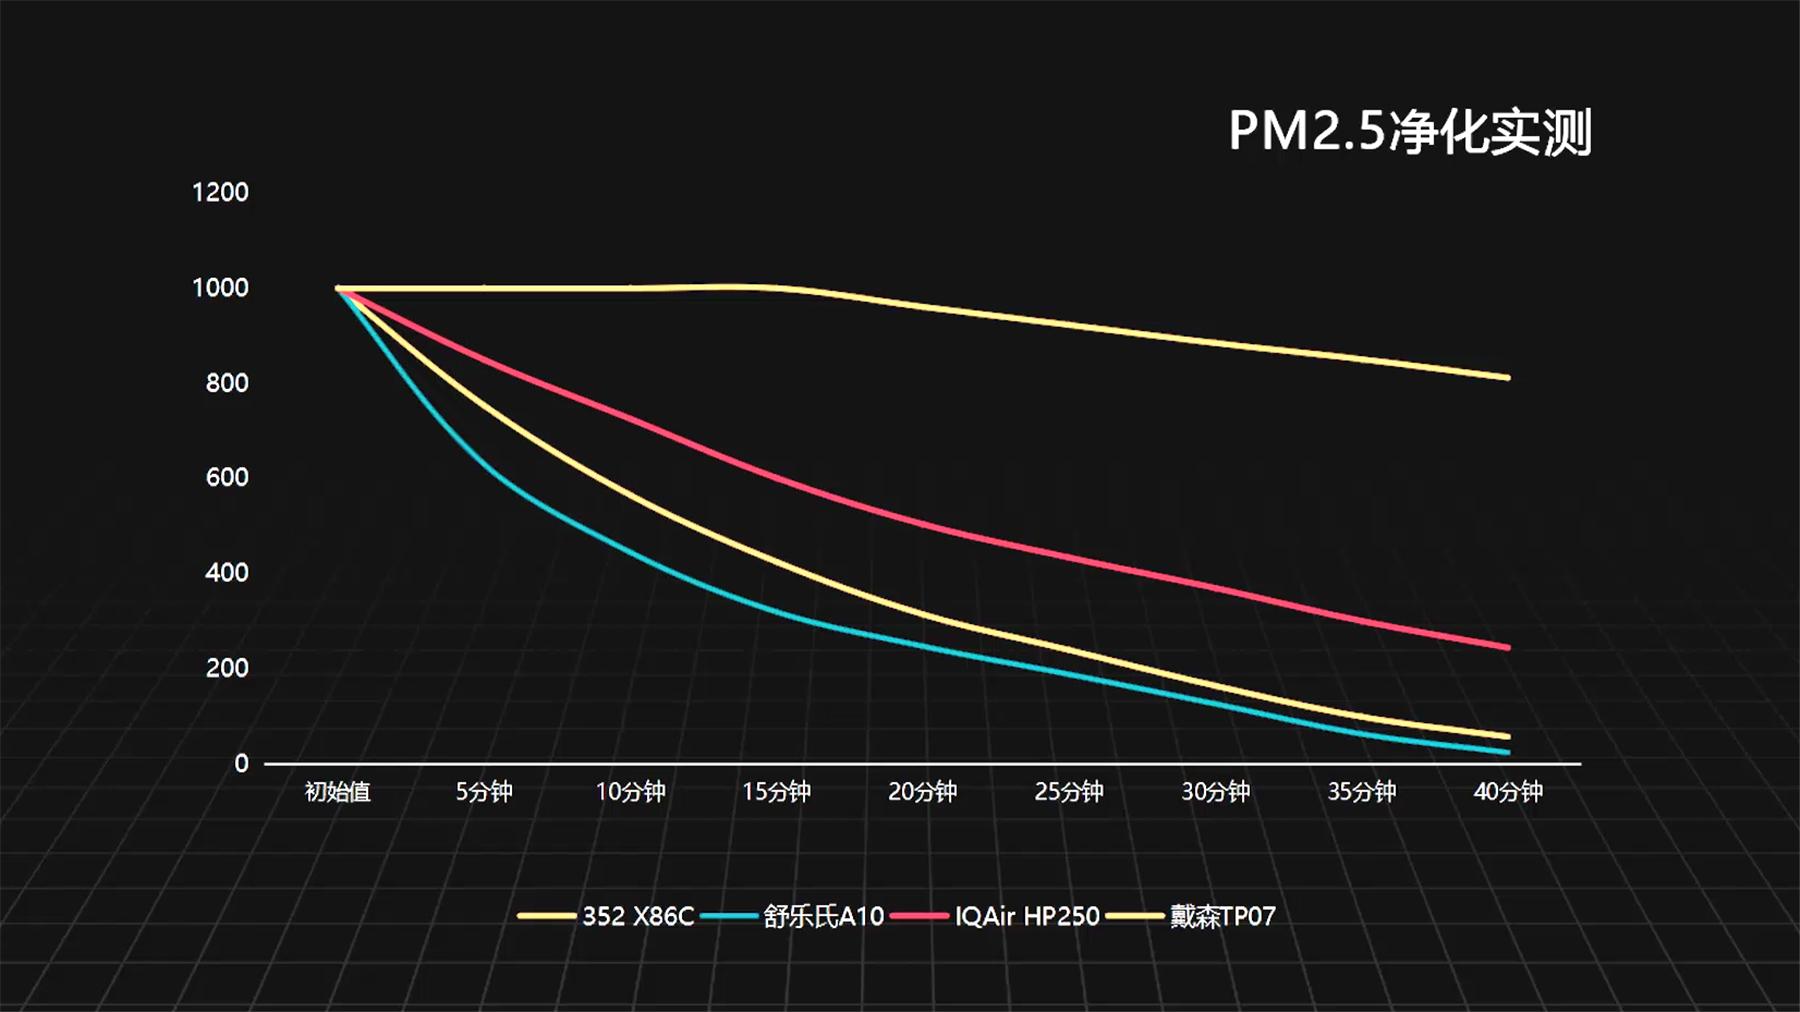 高端空气净化器选购指南:352、IQAir、舒乐氏、戴森对比评测